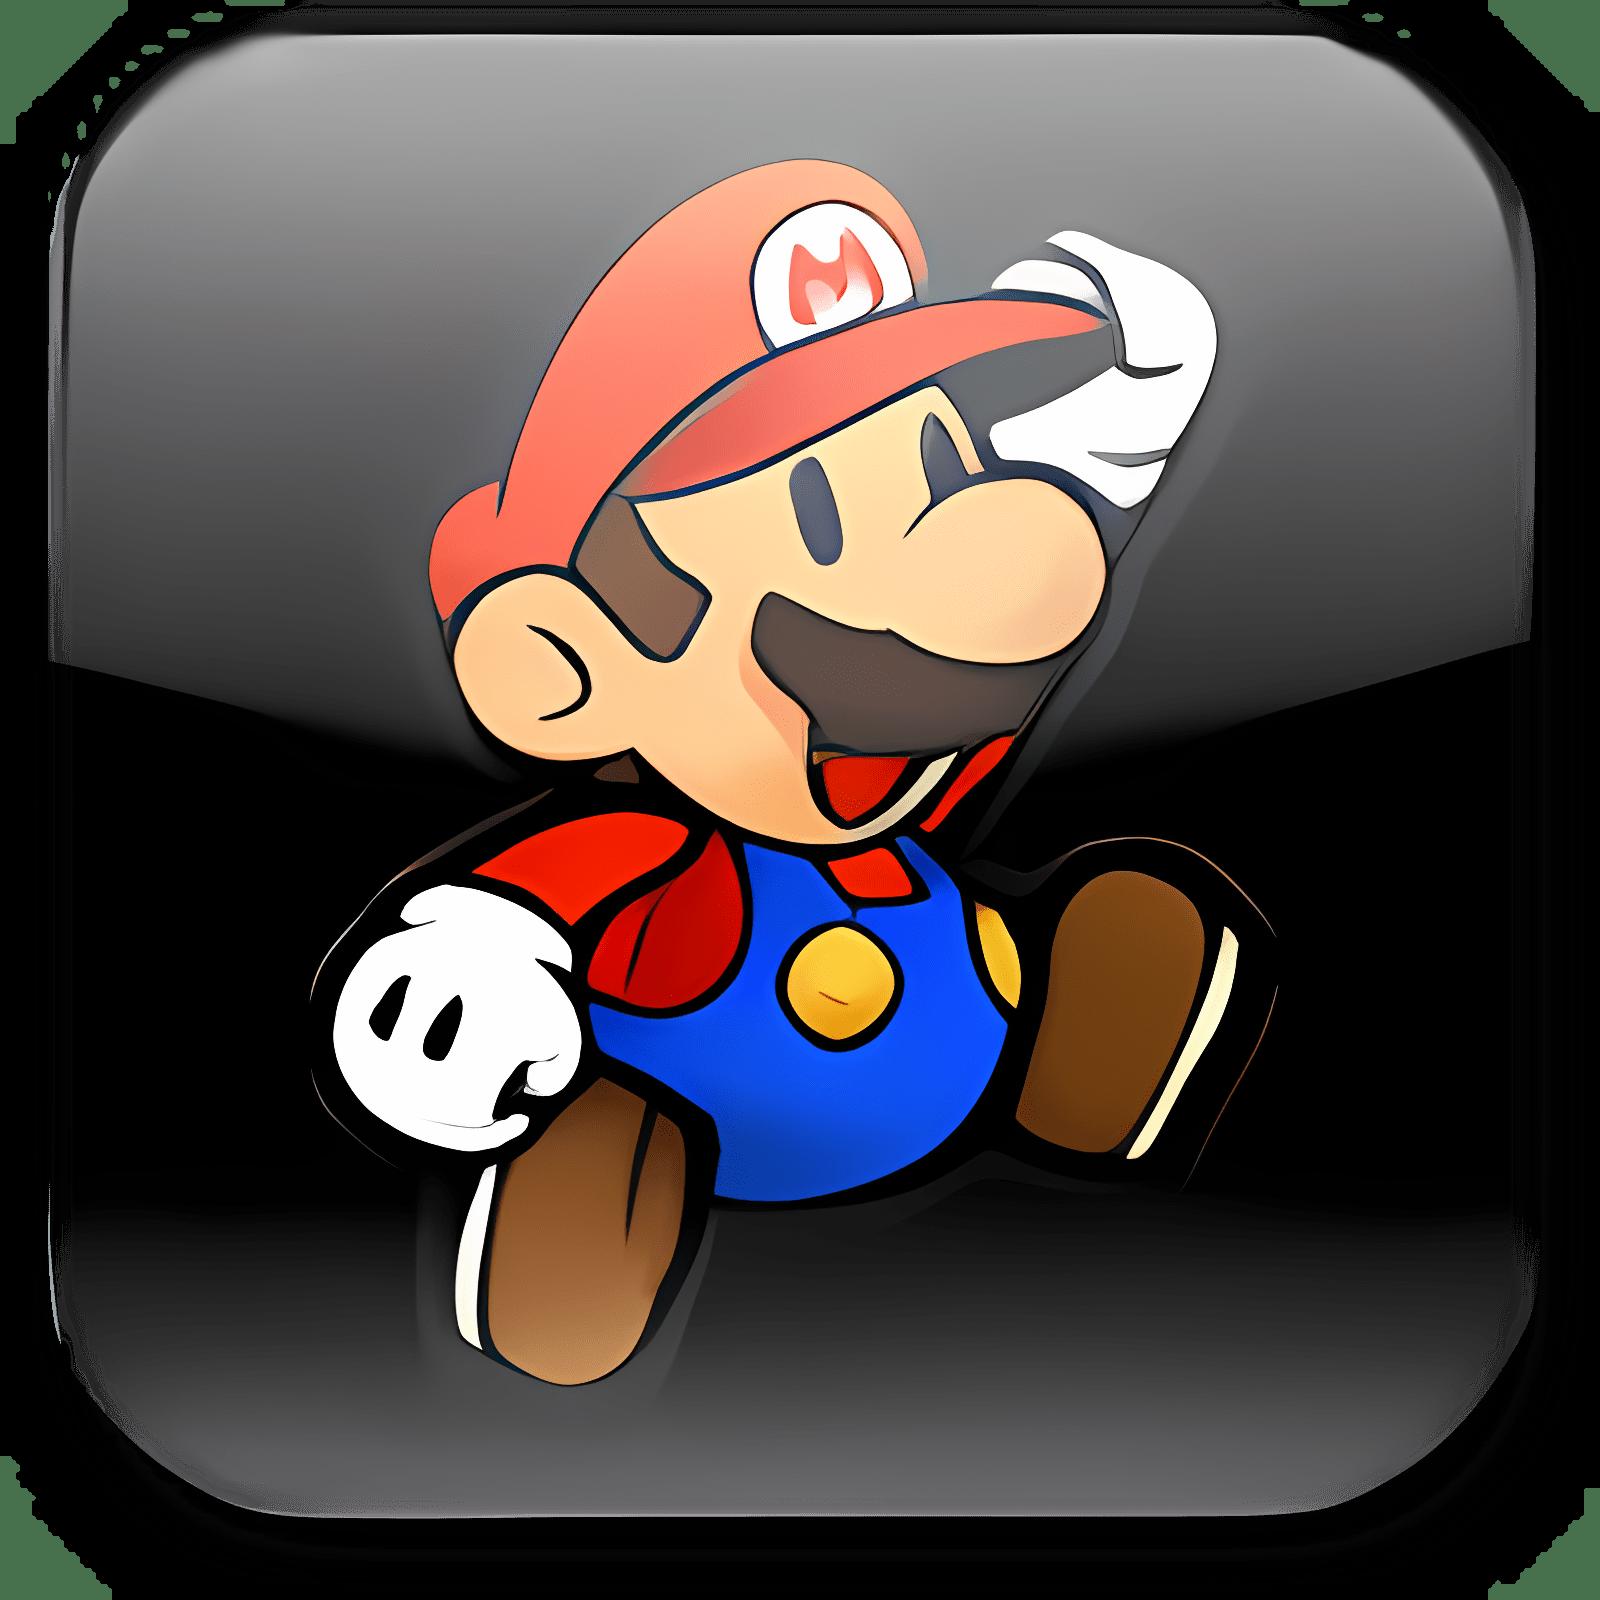 Mario Soundboard